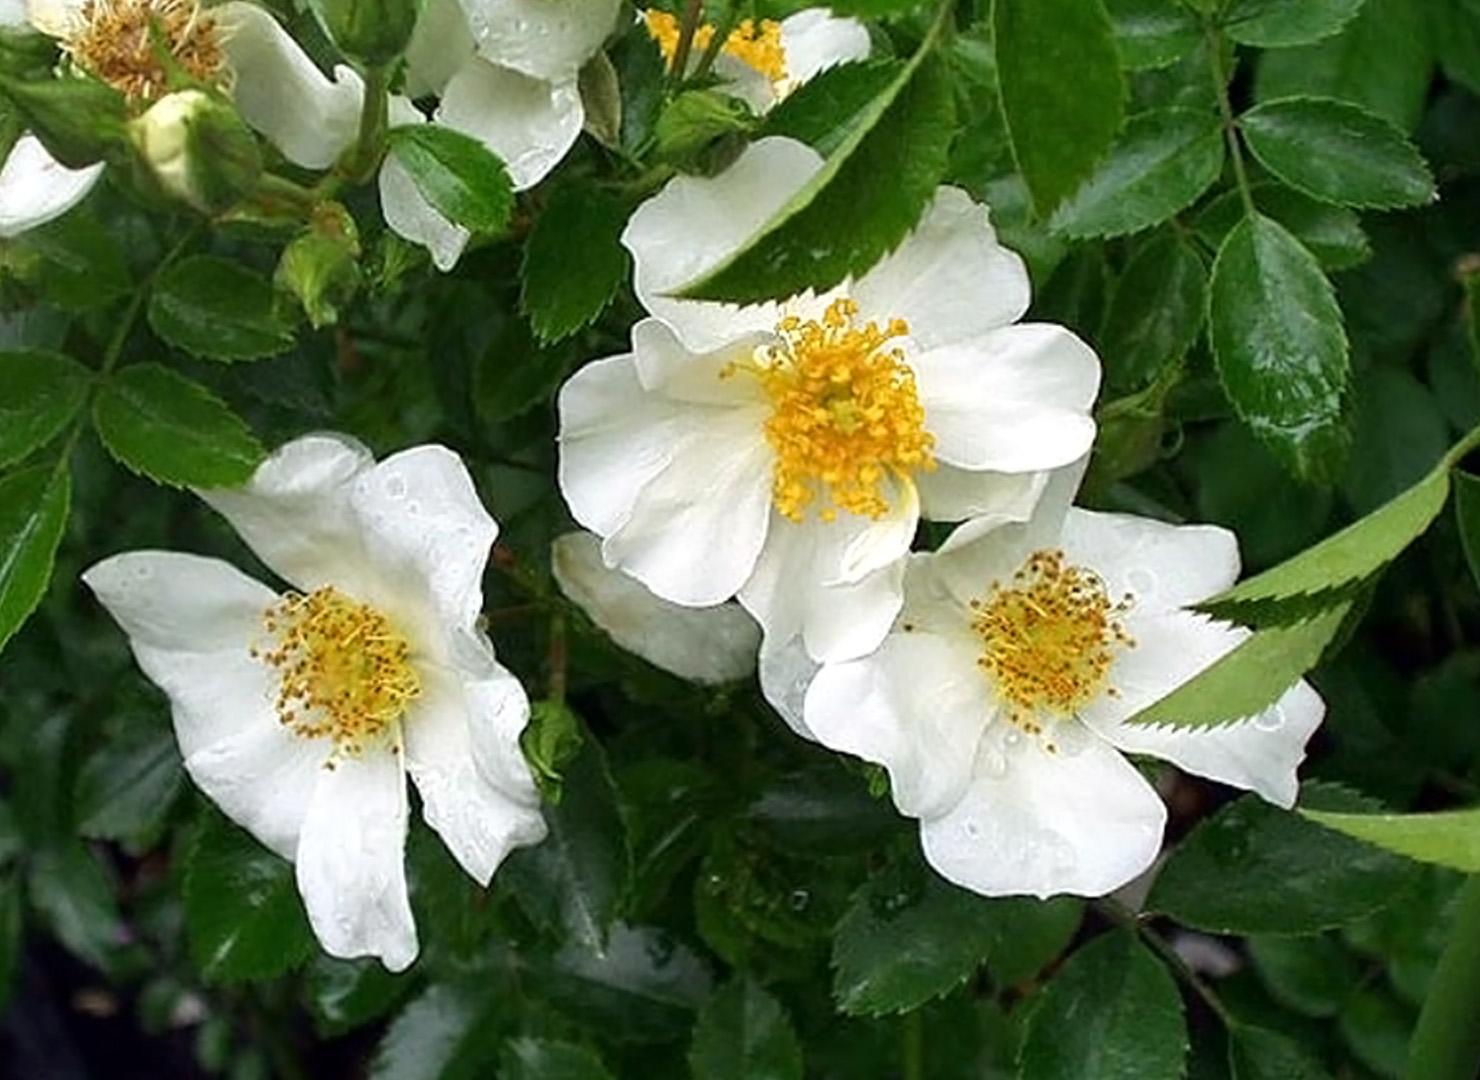 サニーサイド ホワイト - Sunny Side White